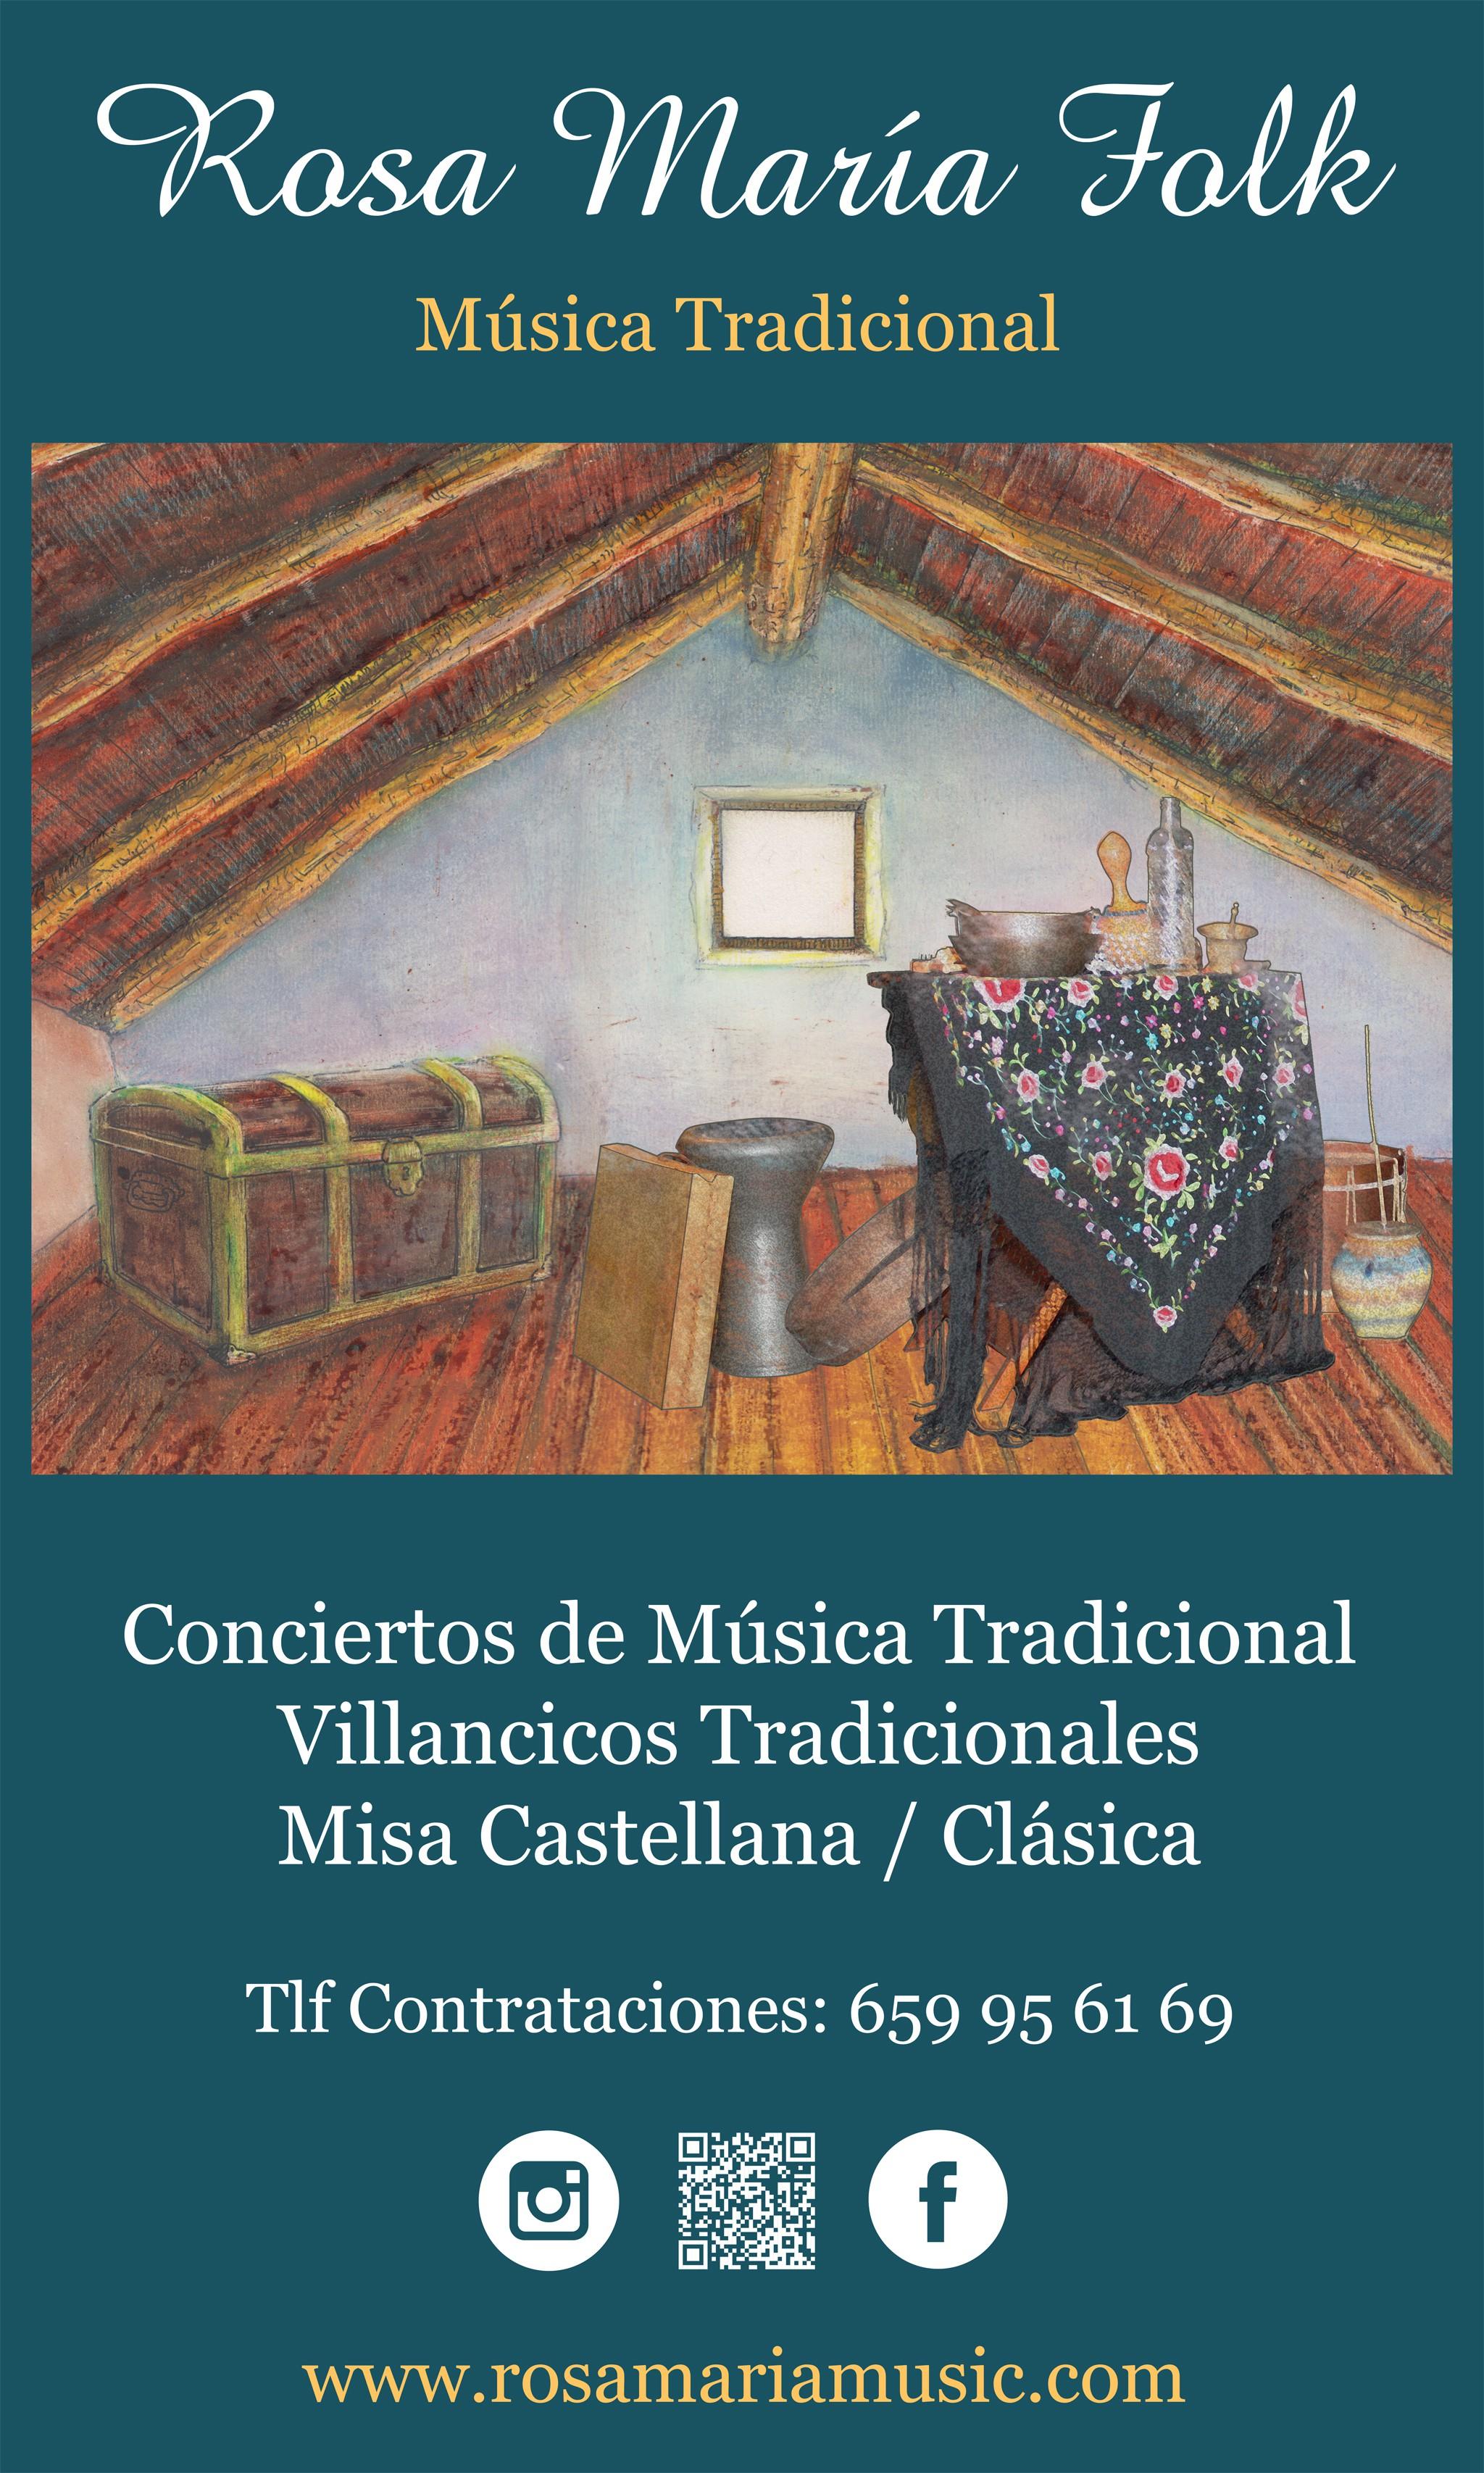 Concierto de Música Tradicional en Garcibuey (Salamanca)